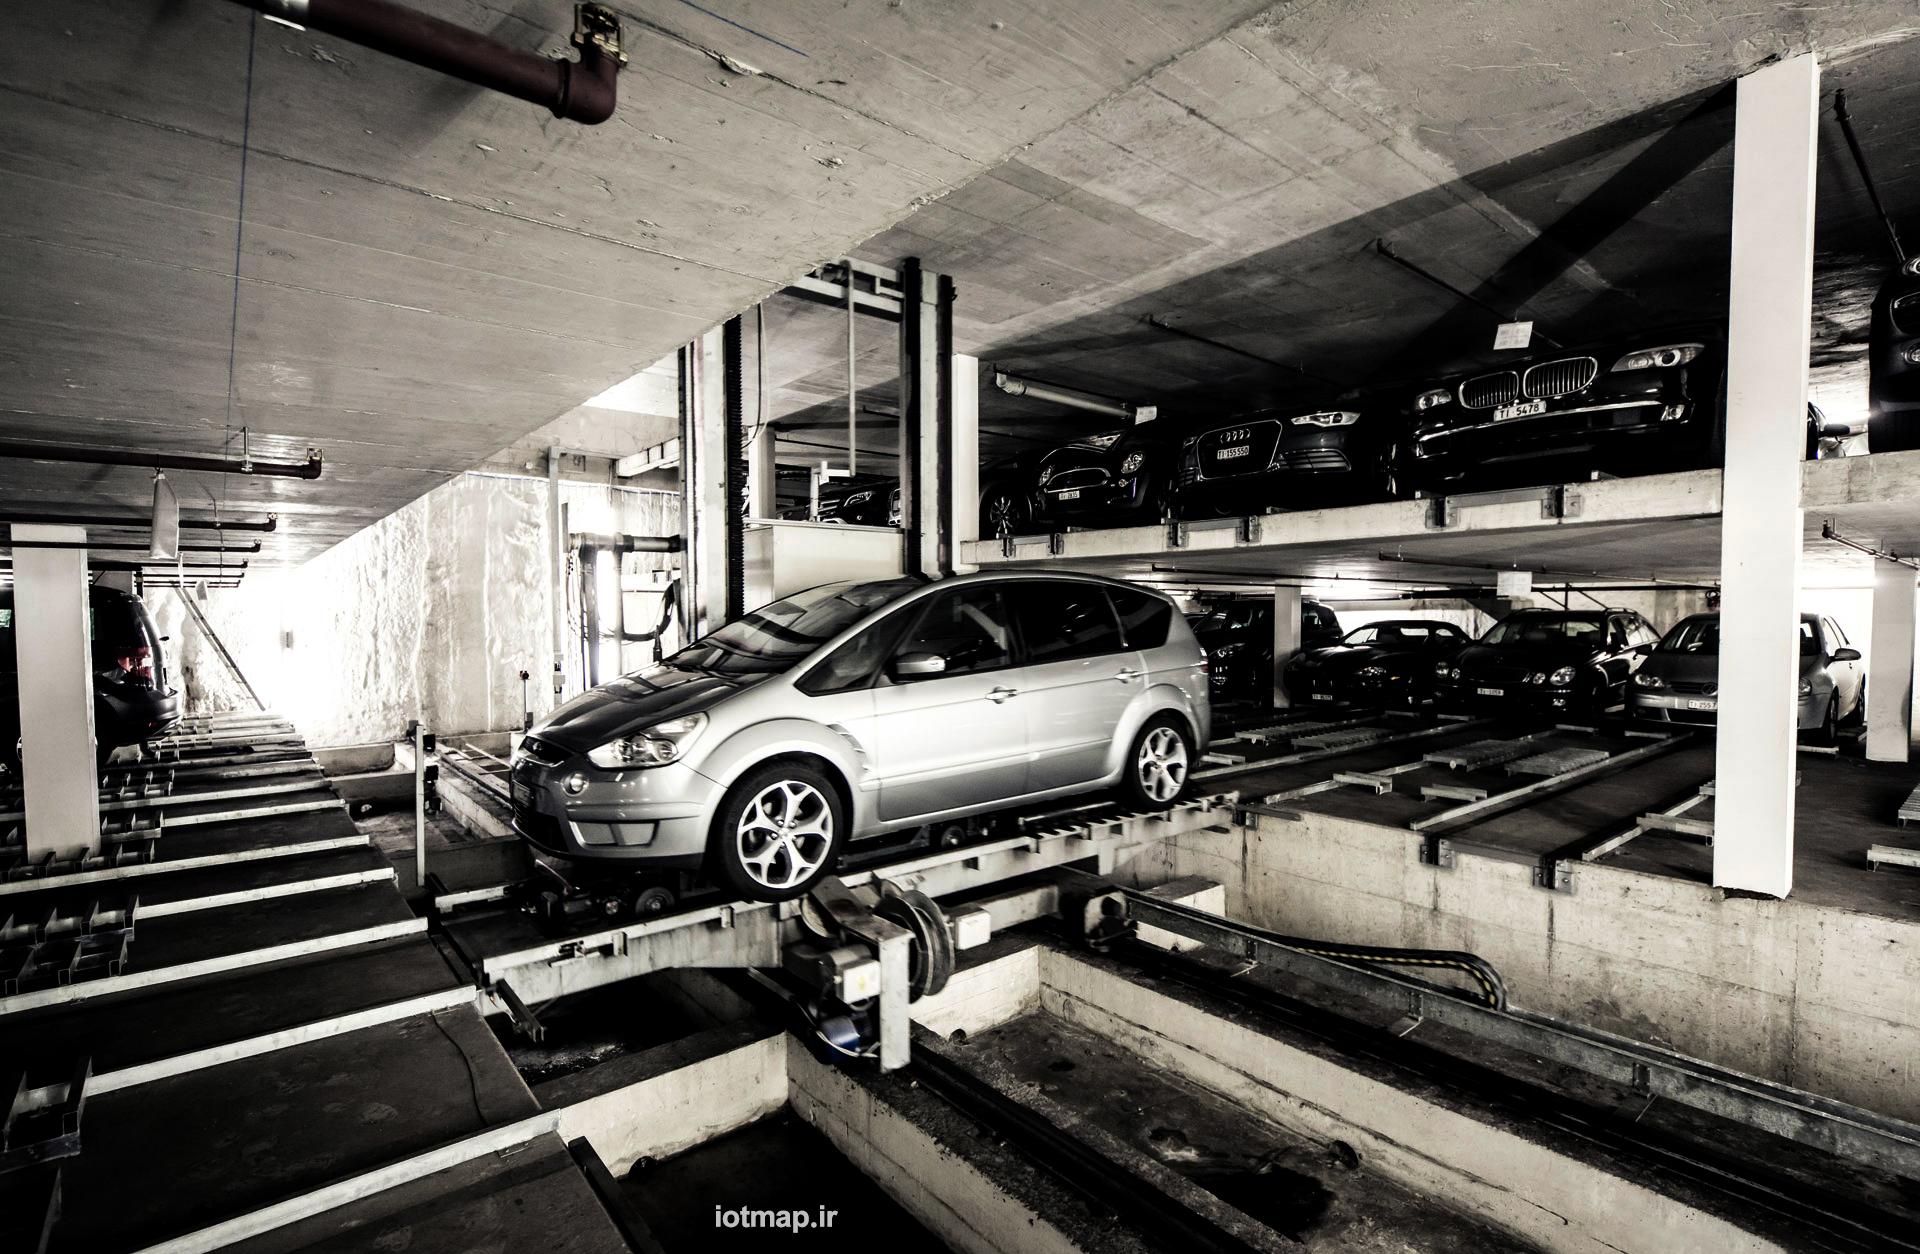 پارکینگ مکانیزه مسکونی